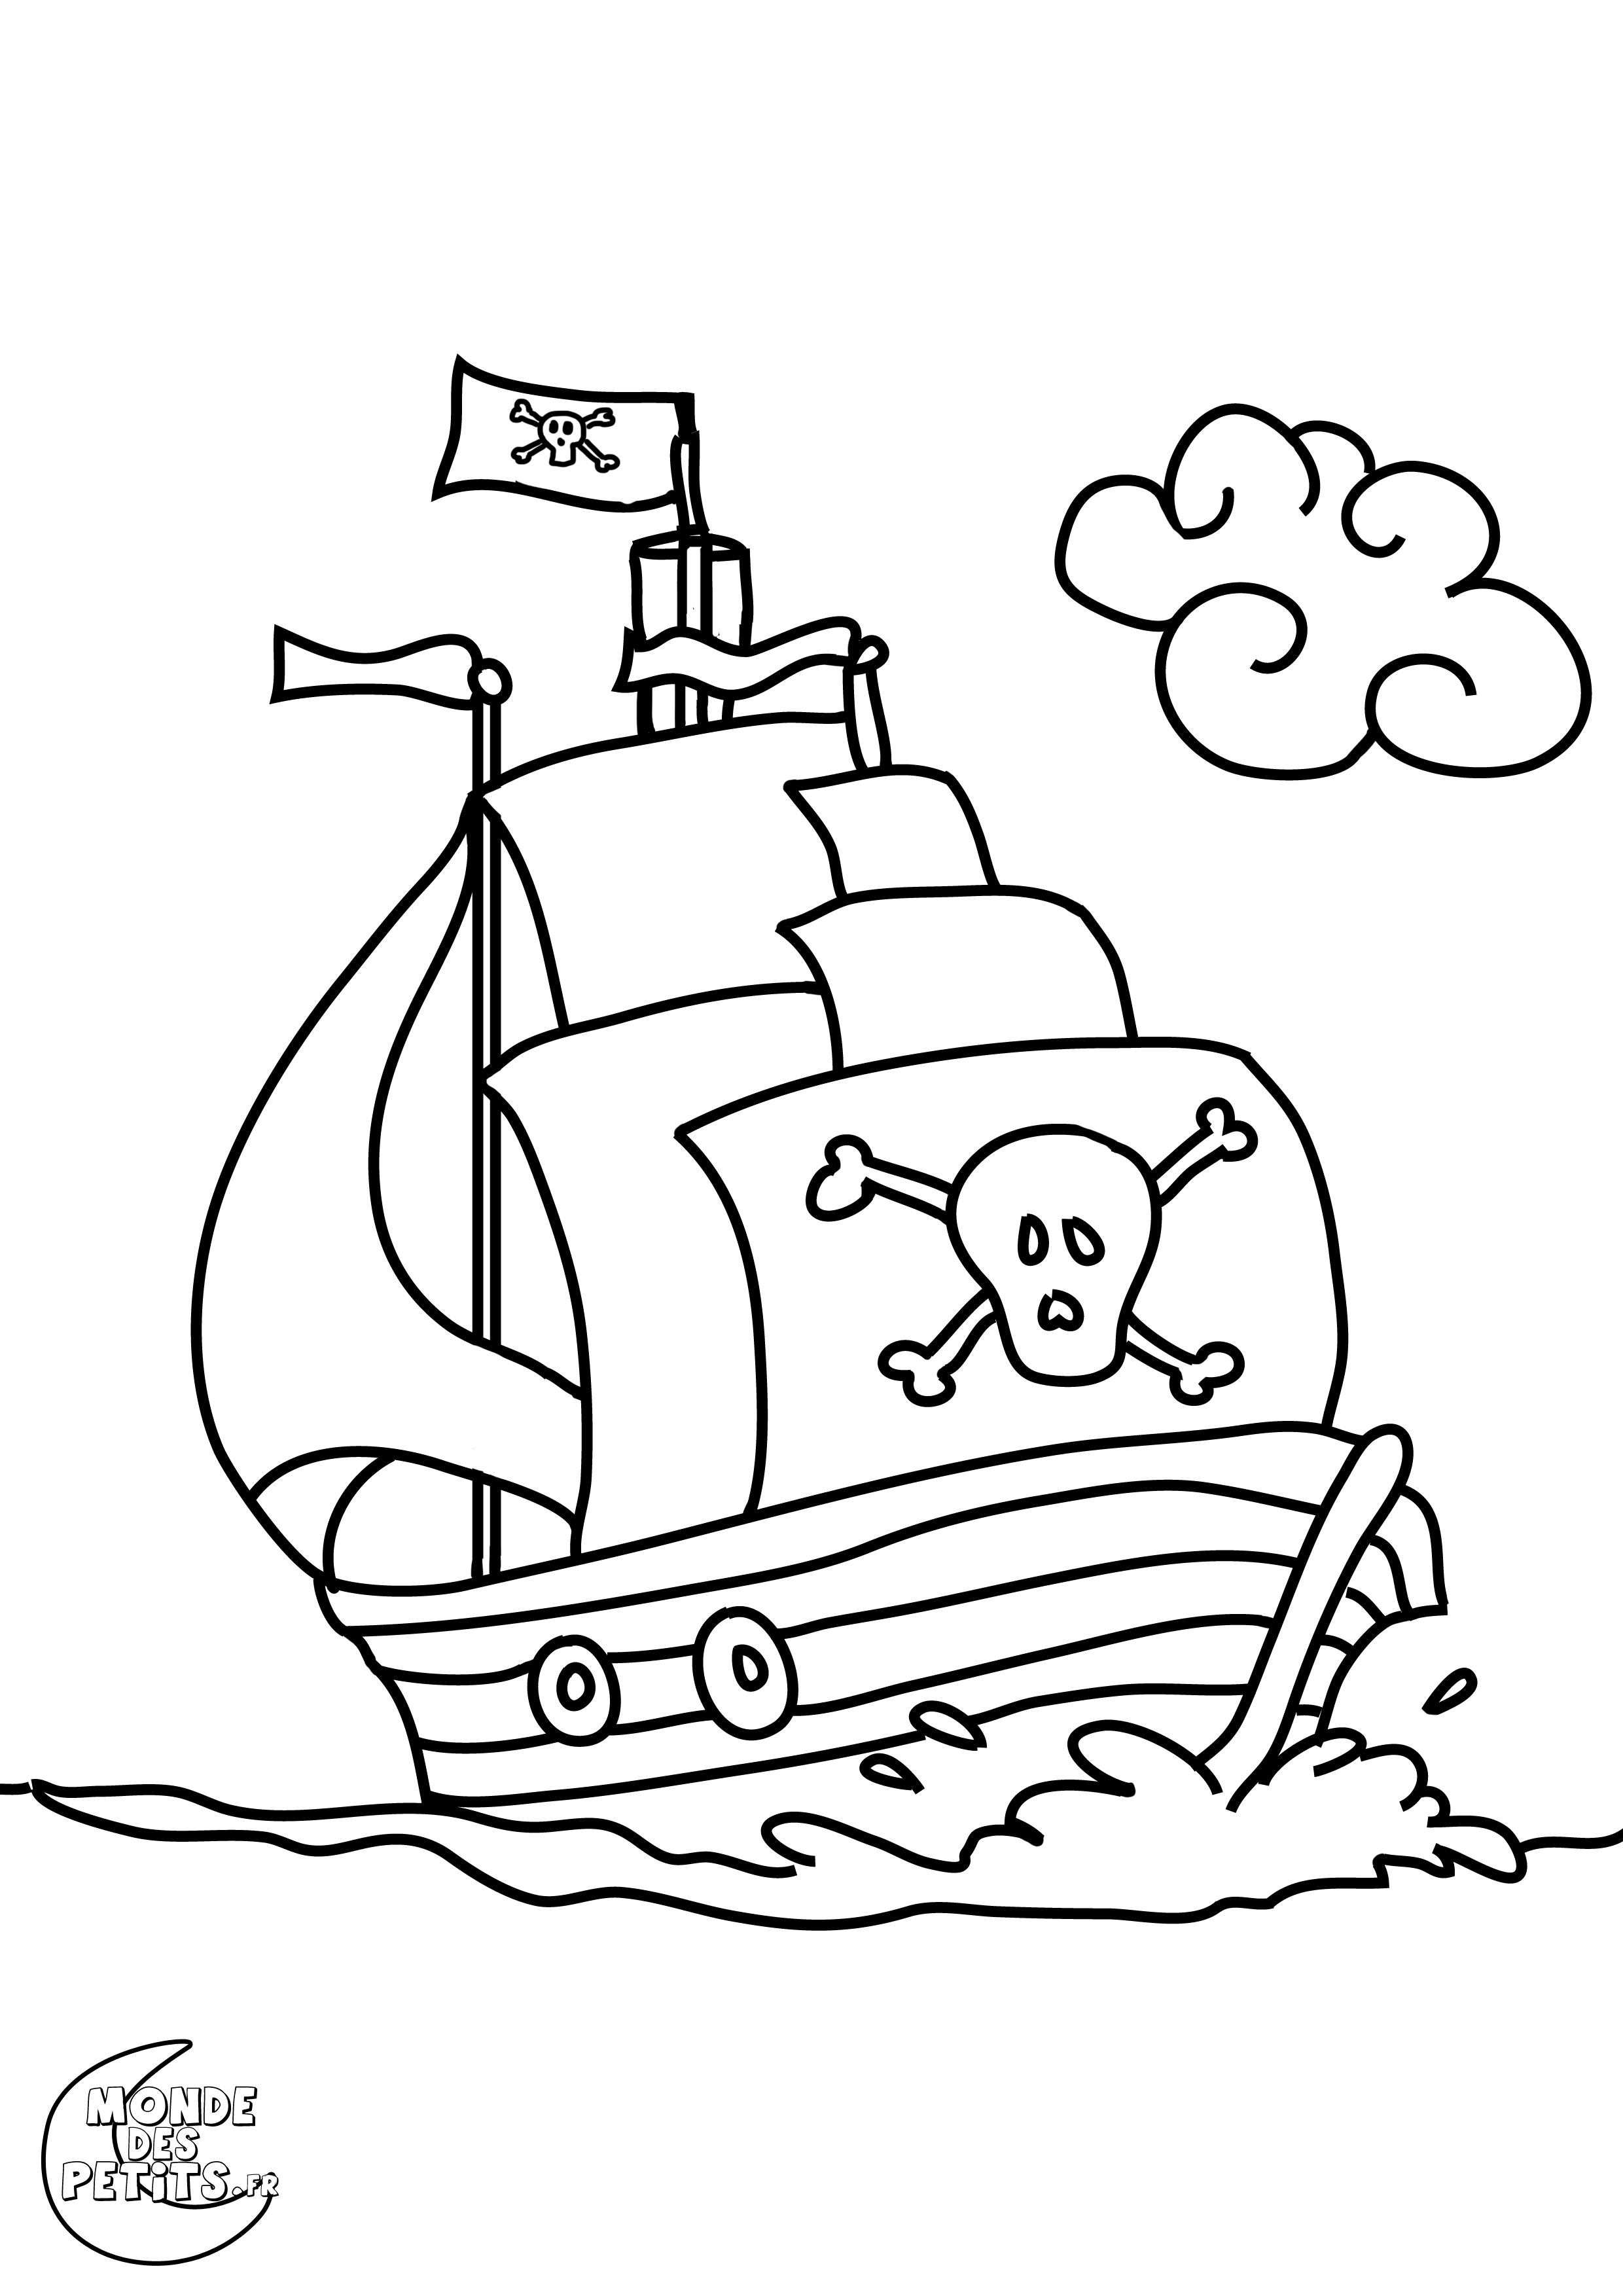 Dessin À Colorier Pirate Gratuit serapportantà Dessin A Colorier